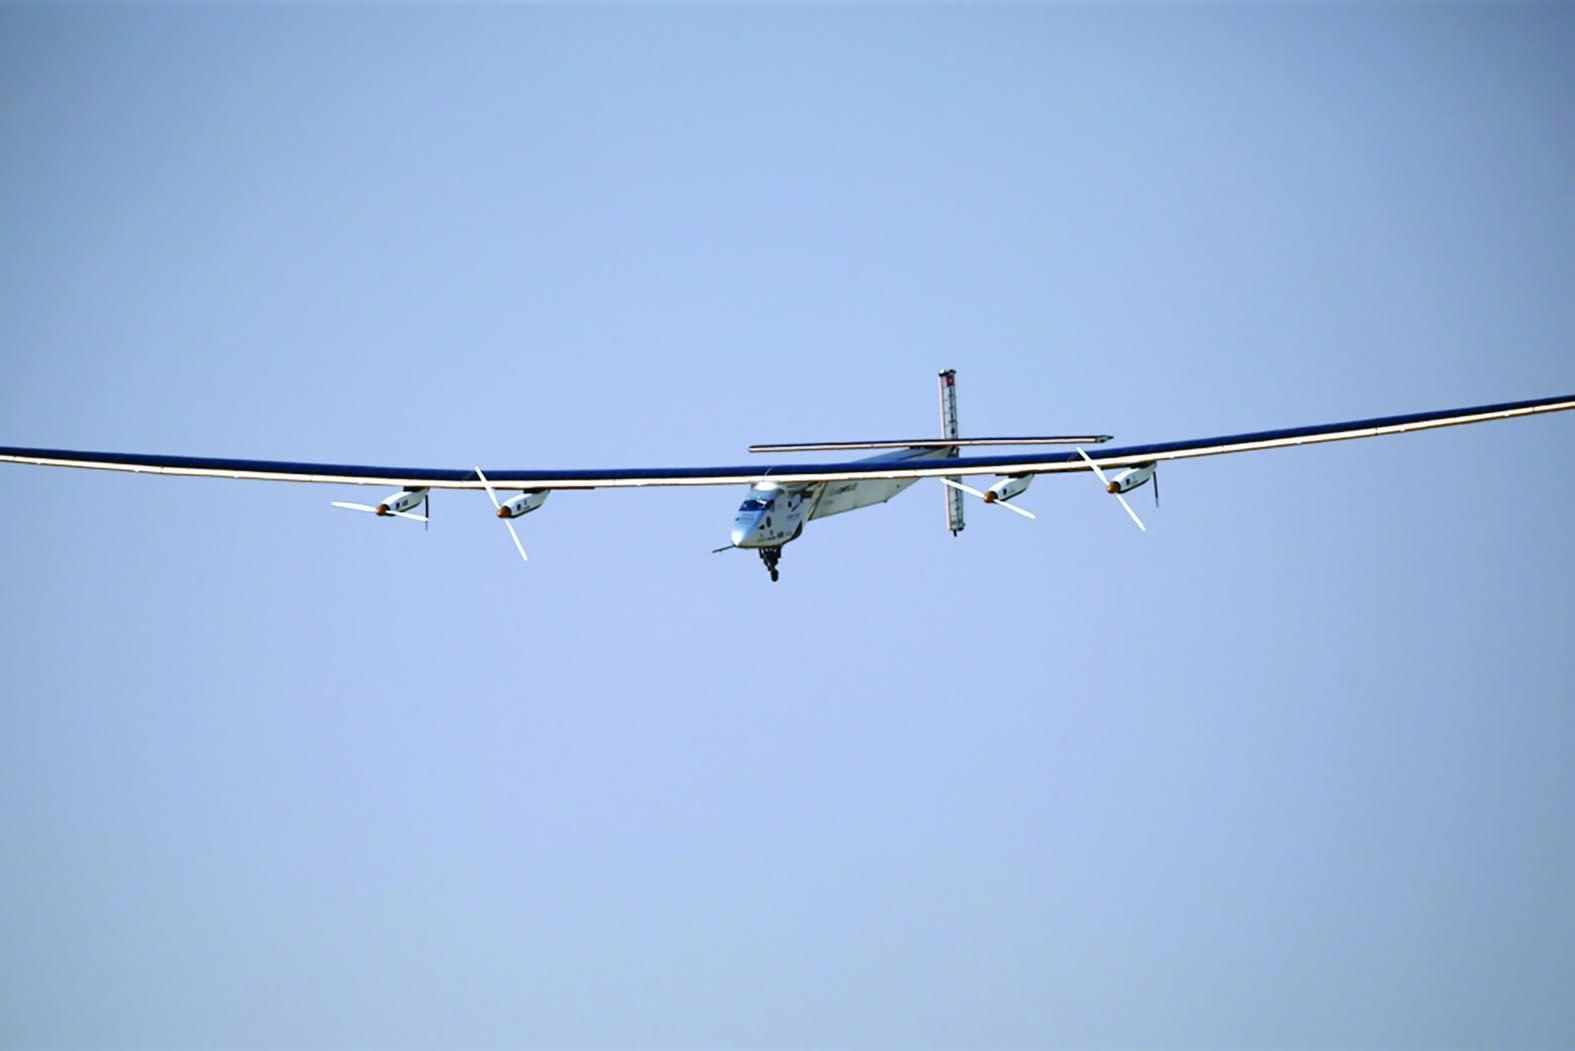 طائرة شمسية تُقلعمن مصر في جولة عالمية